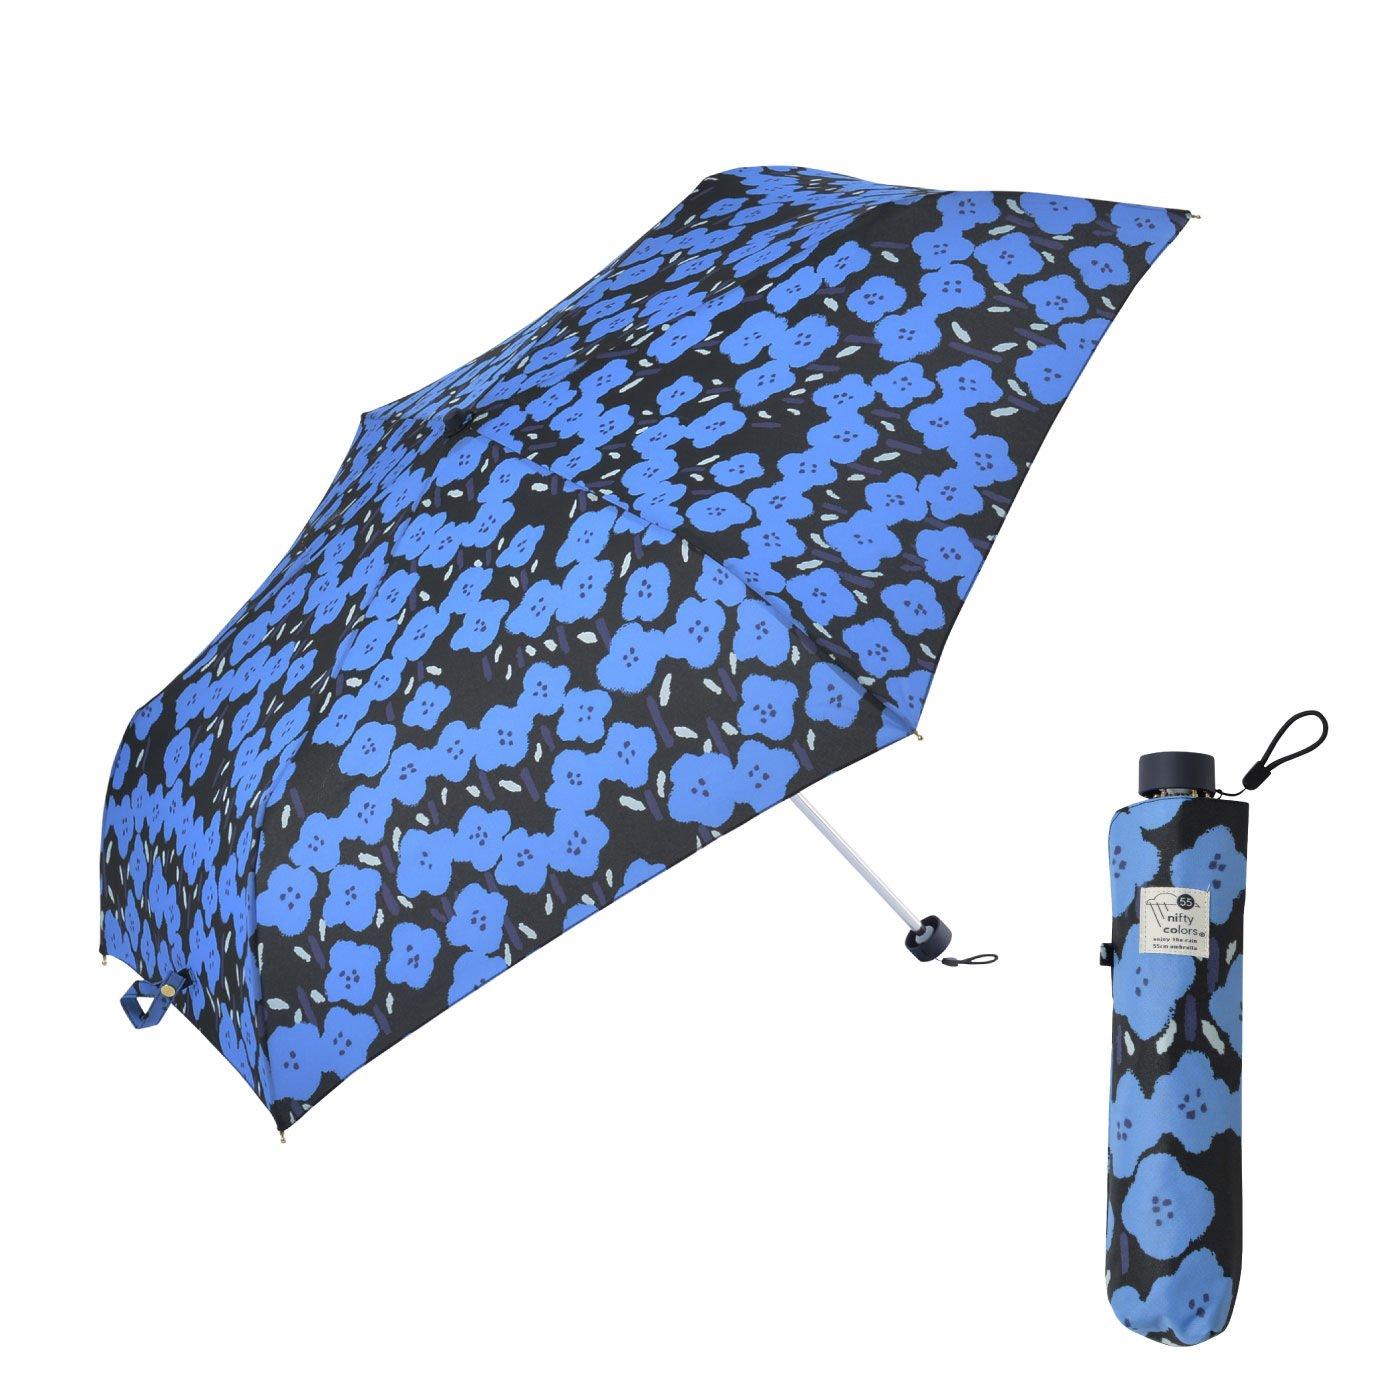 大きくひらいてコンパクト収納 荷物の多い日の折り畳み傘hana